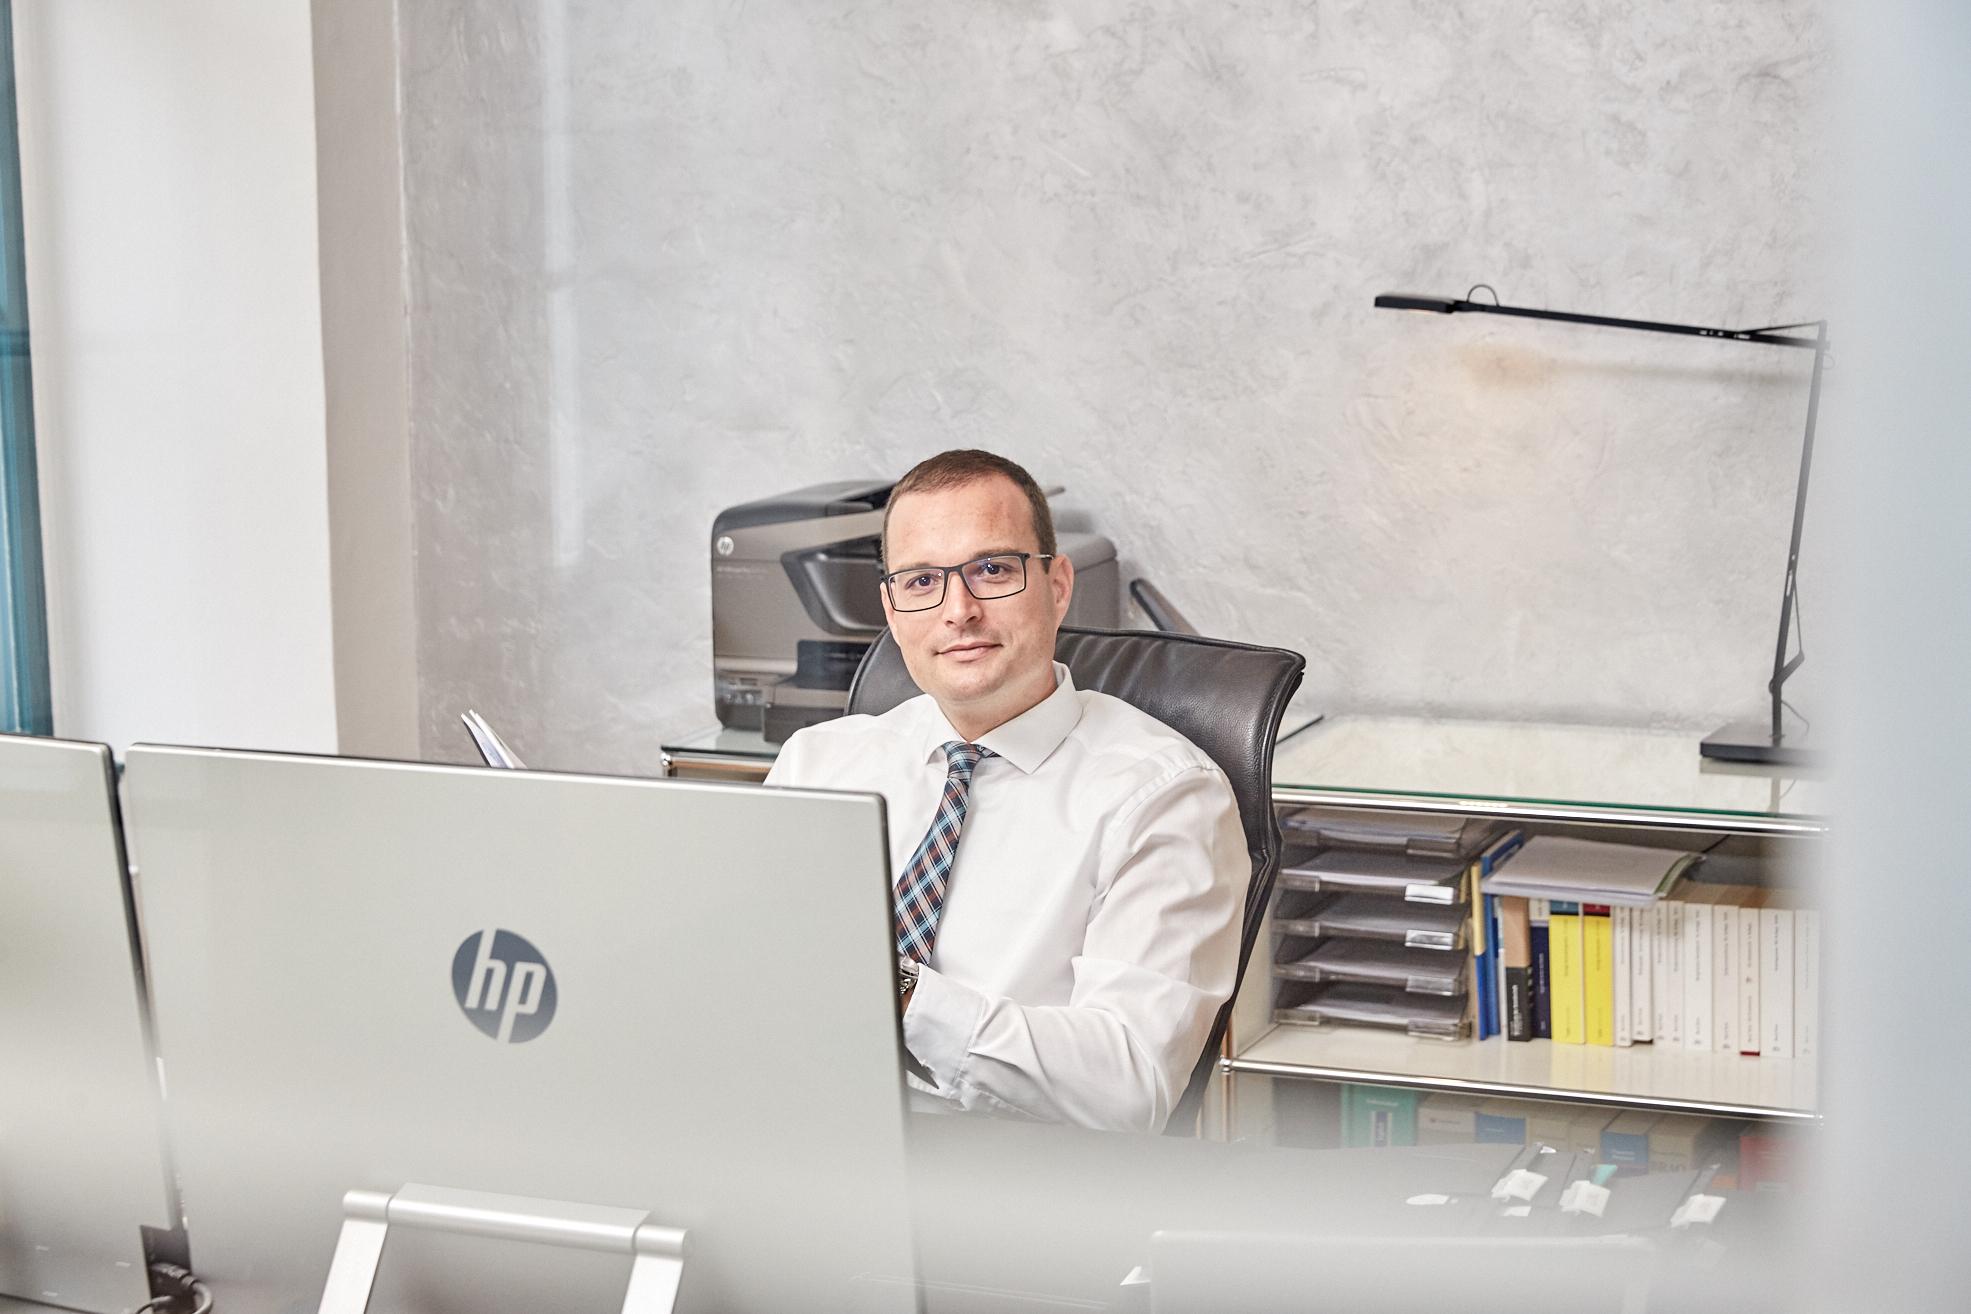 Kanzlei Schätz Fachanwalt Für Arbeitsrecht In Passau